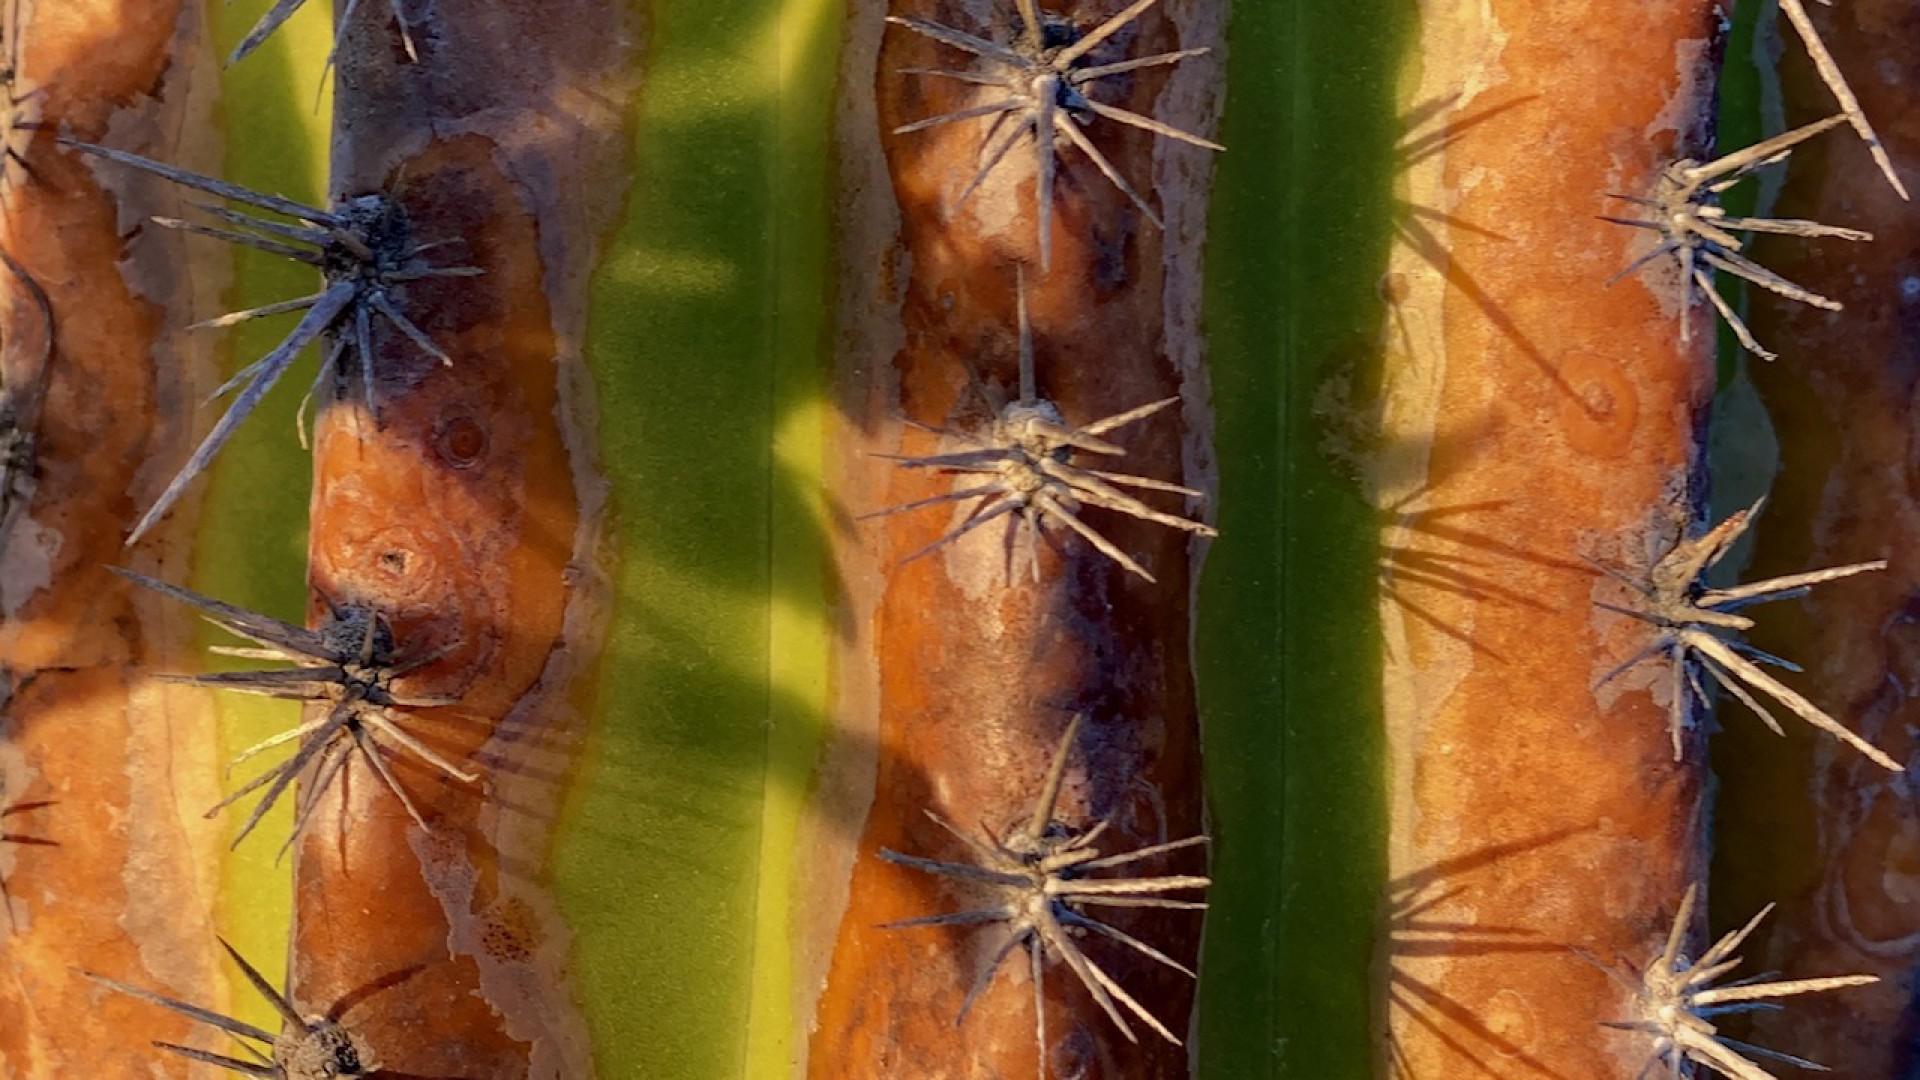 (Foto: Demitri Túlio)Planta do mandacaru, cactáceo abundante nas dunas florestadas do Parque Natural das Dunas da Sabiaguaba. 1/8/2020. Acervo: Demitri Túlio